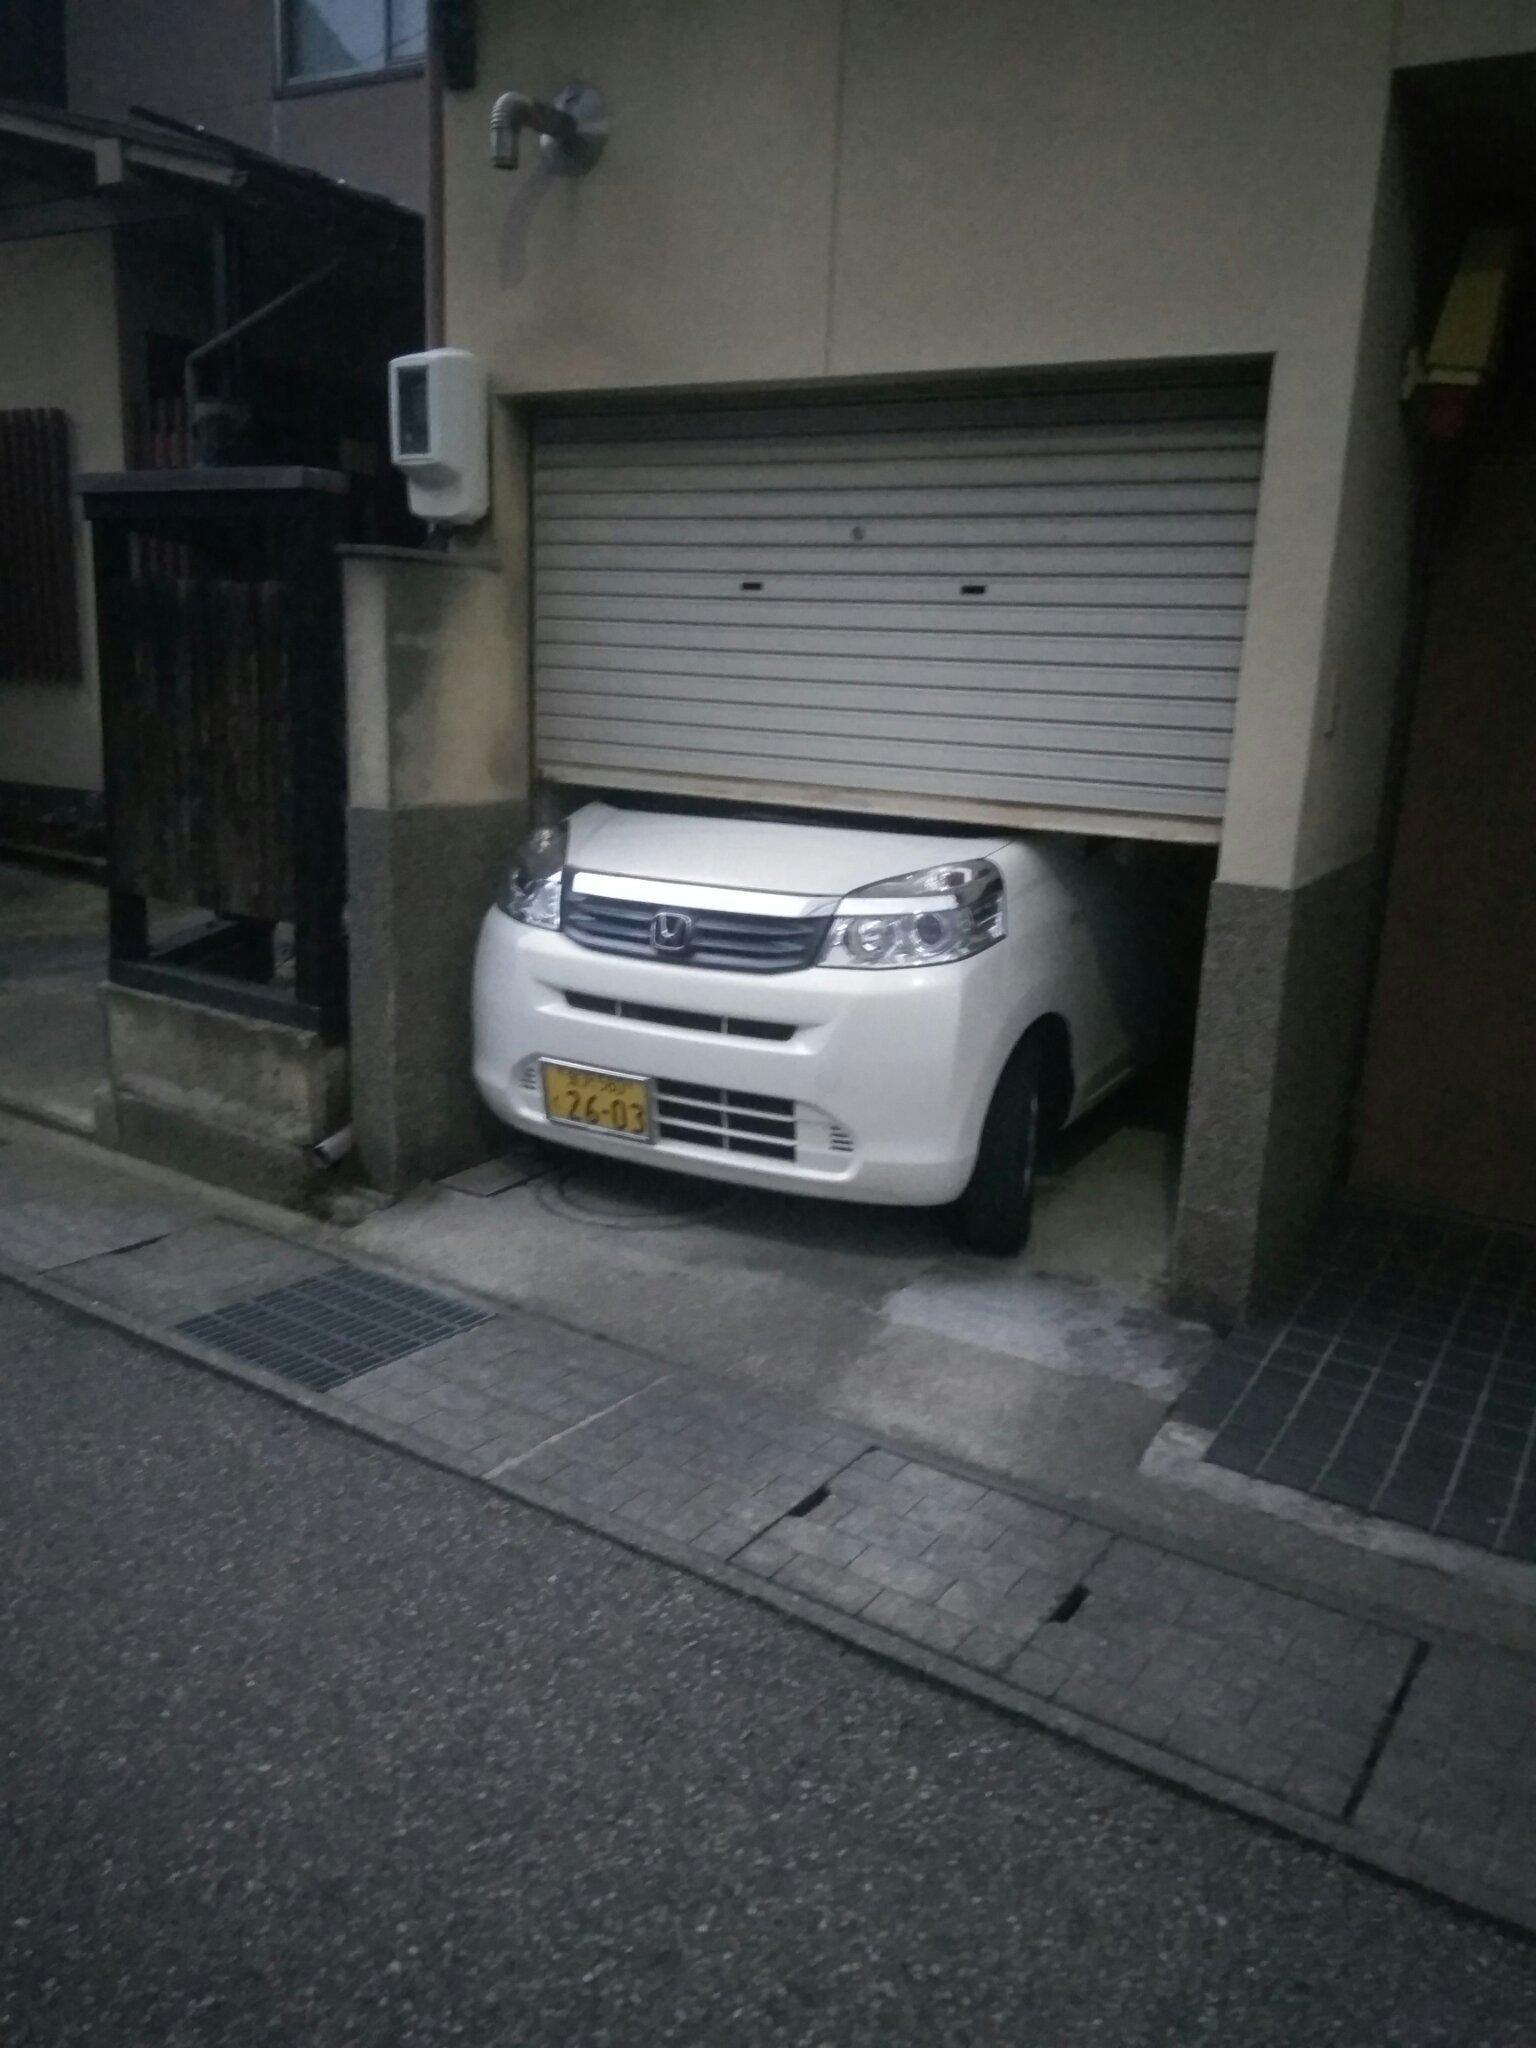 Quand t'achete une petite voiture pasque ta un peutit garage, mais que quelle est trop grand quand même - meme